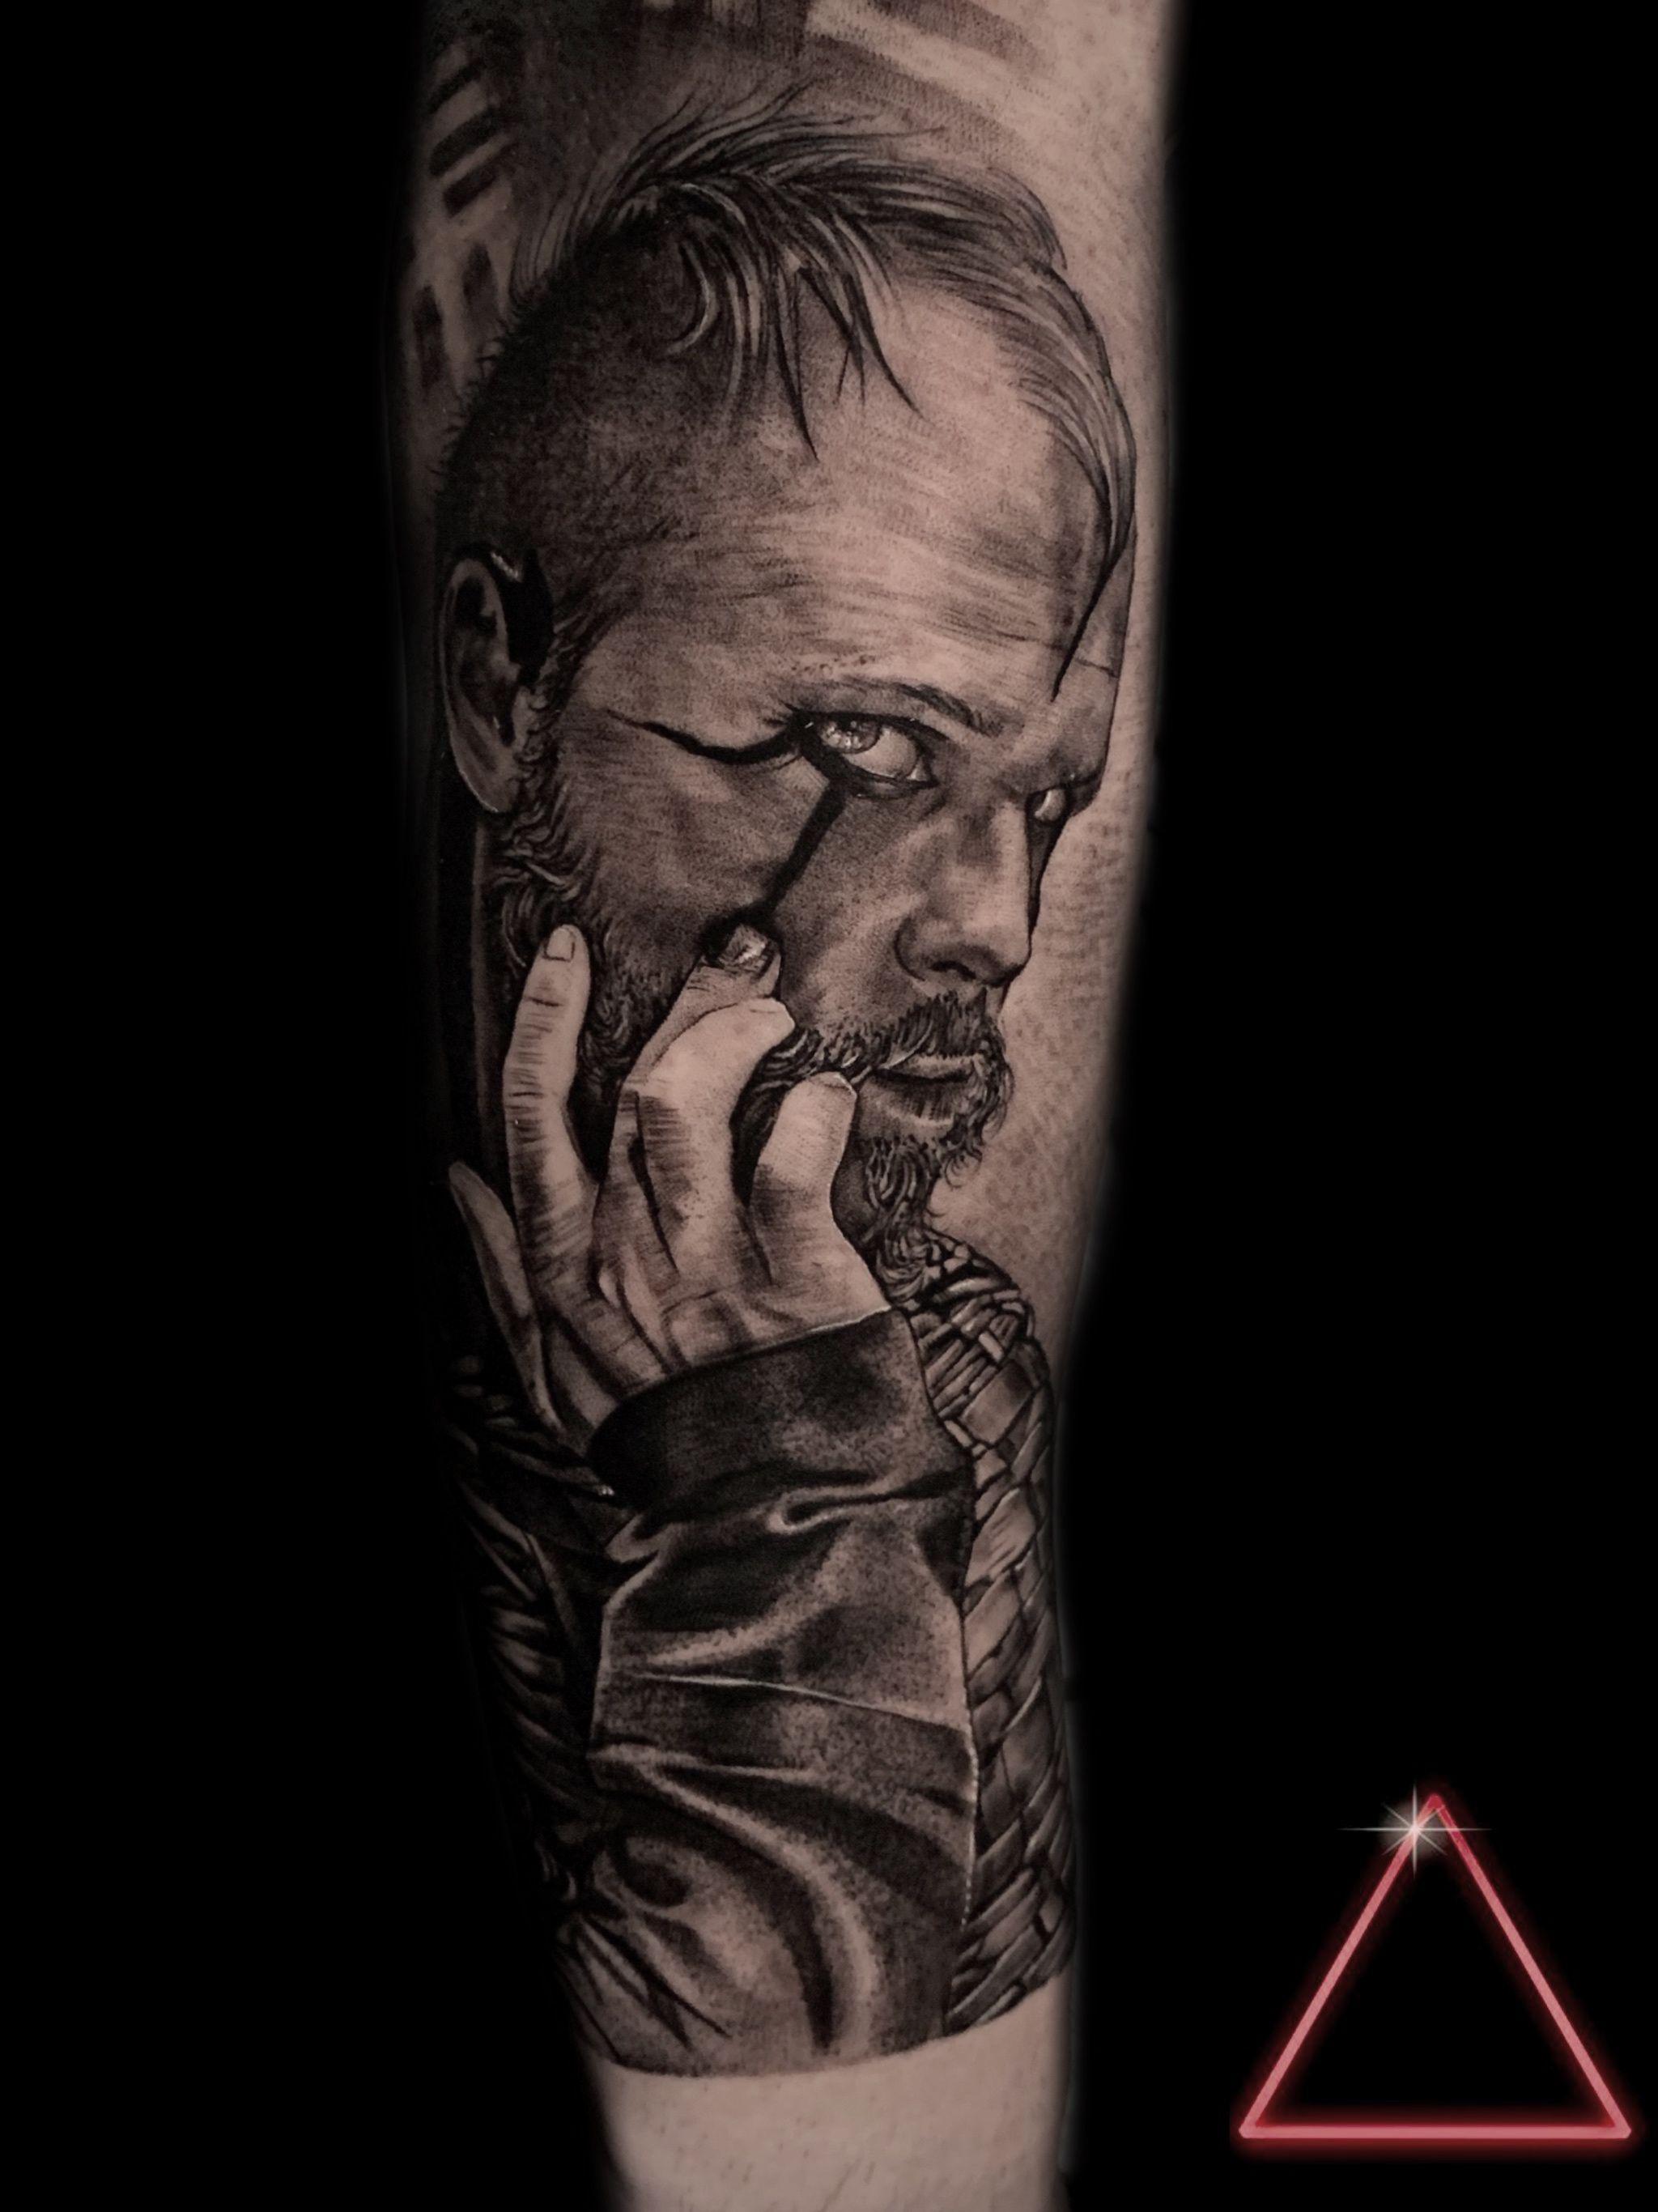 Tattoo floki, tattoo vikings, tattoo realism, tattoo on arm, tattoo men, male tattoo  Tattoo floki, tattoo vikings, tattoo realismo, tattoo no braço, tattoo masculina  #tattoofloki #flokitattoo #floki #tattoovikings #vikings #vikingstattoo #tattooonarm #tattoomen #maletattoo #realistic #realistictattoo #realism #realismtattoo  #tattoomasculina #realismo #realismotattoo